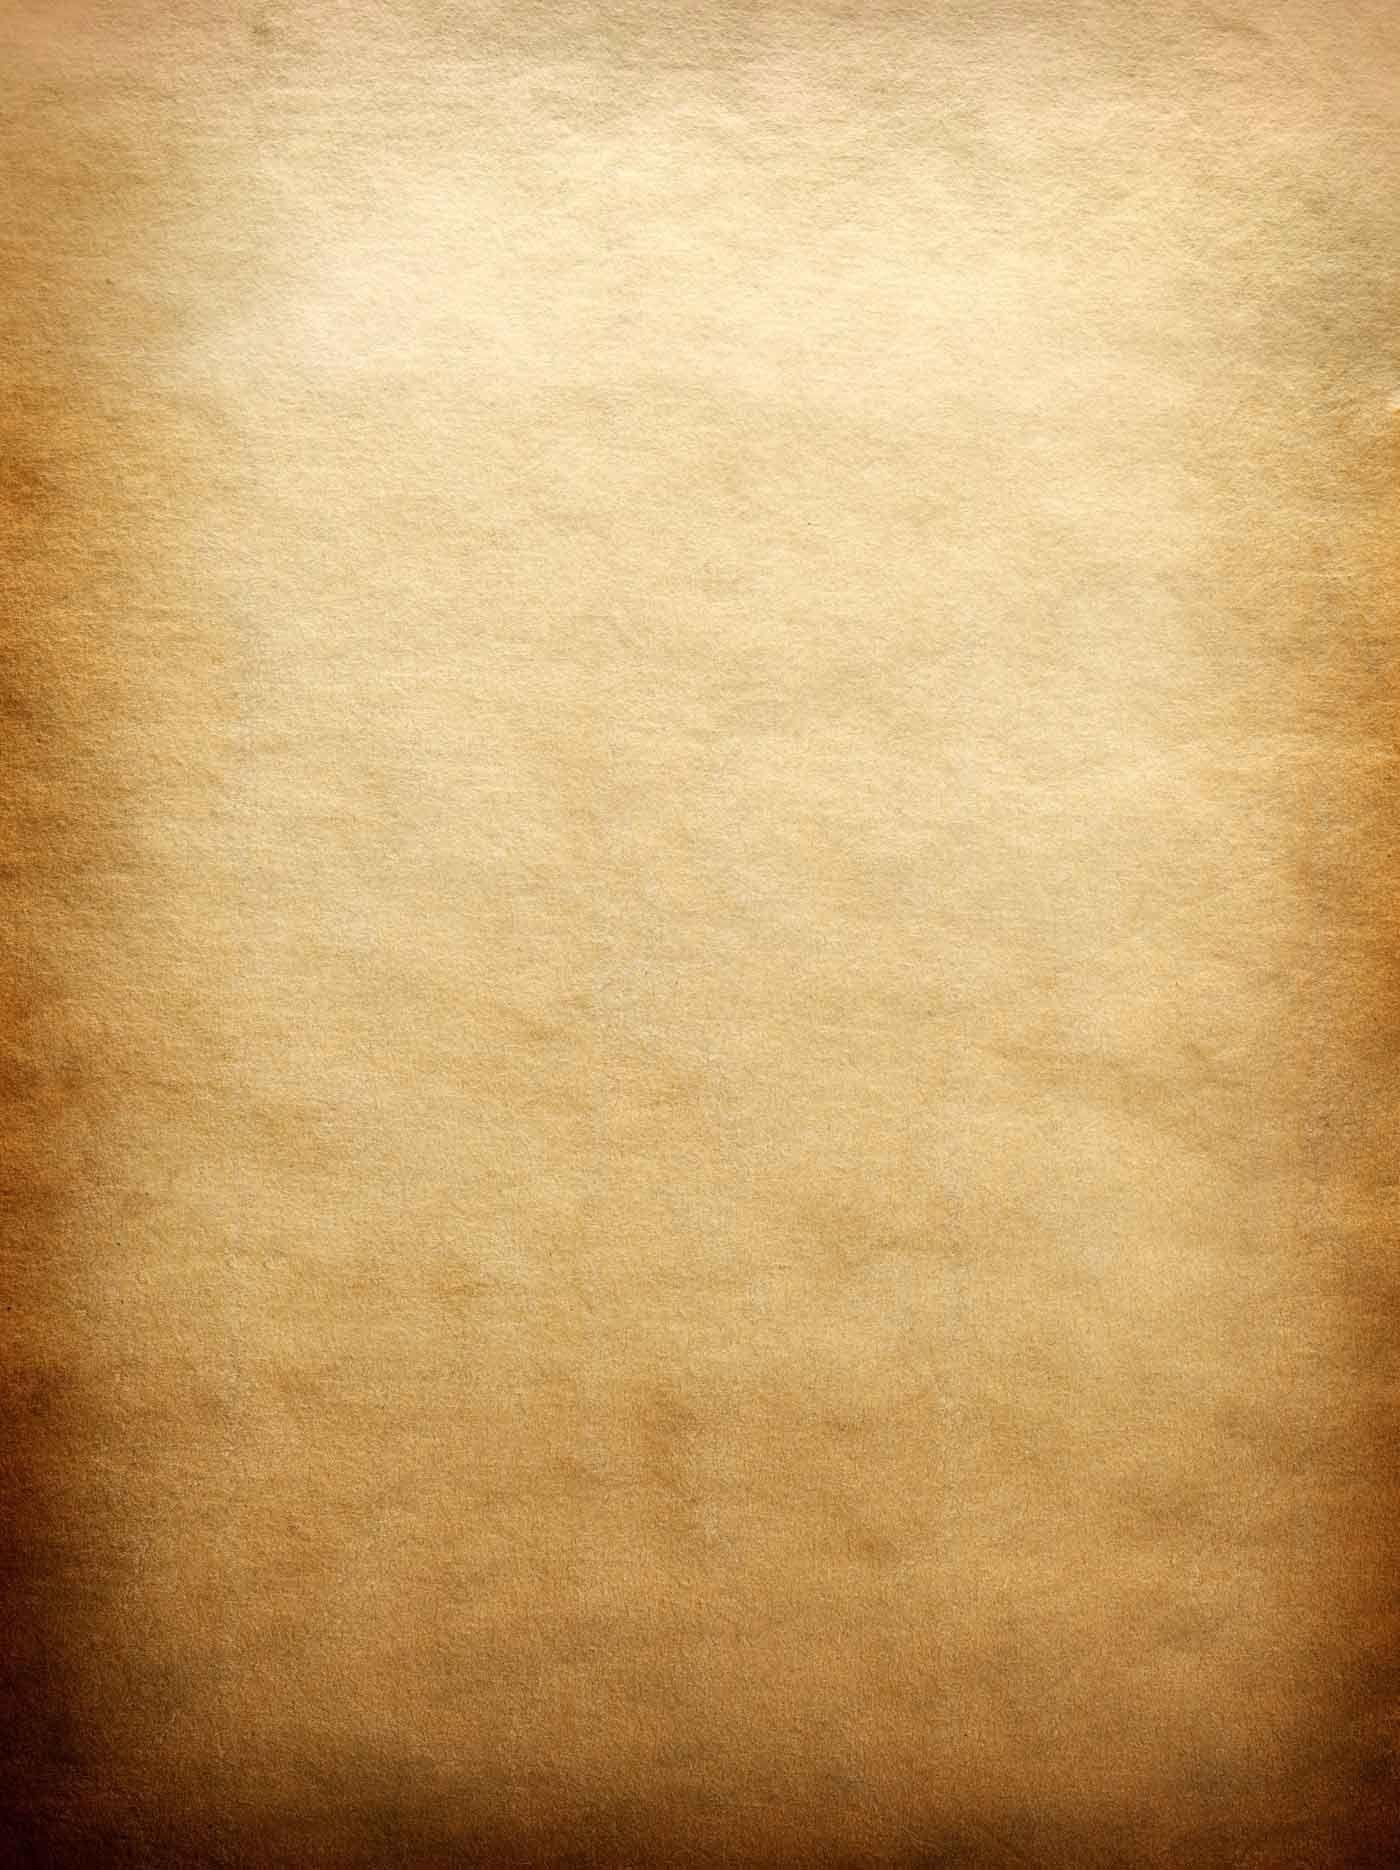 Parchment Parchment paper texture Parchment background Old 1400x1870